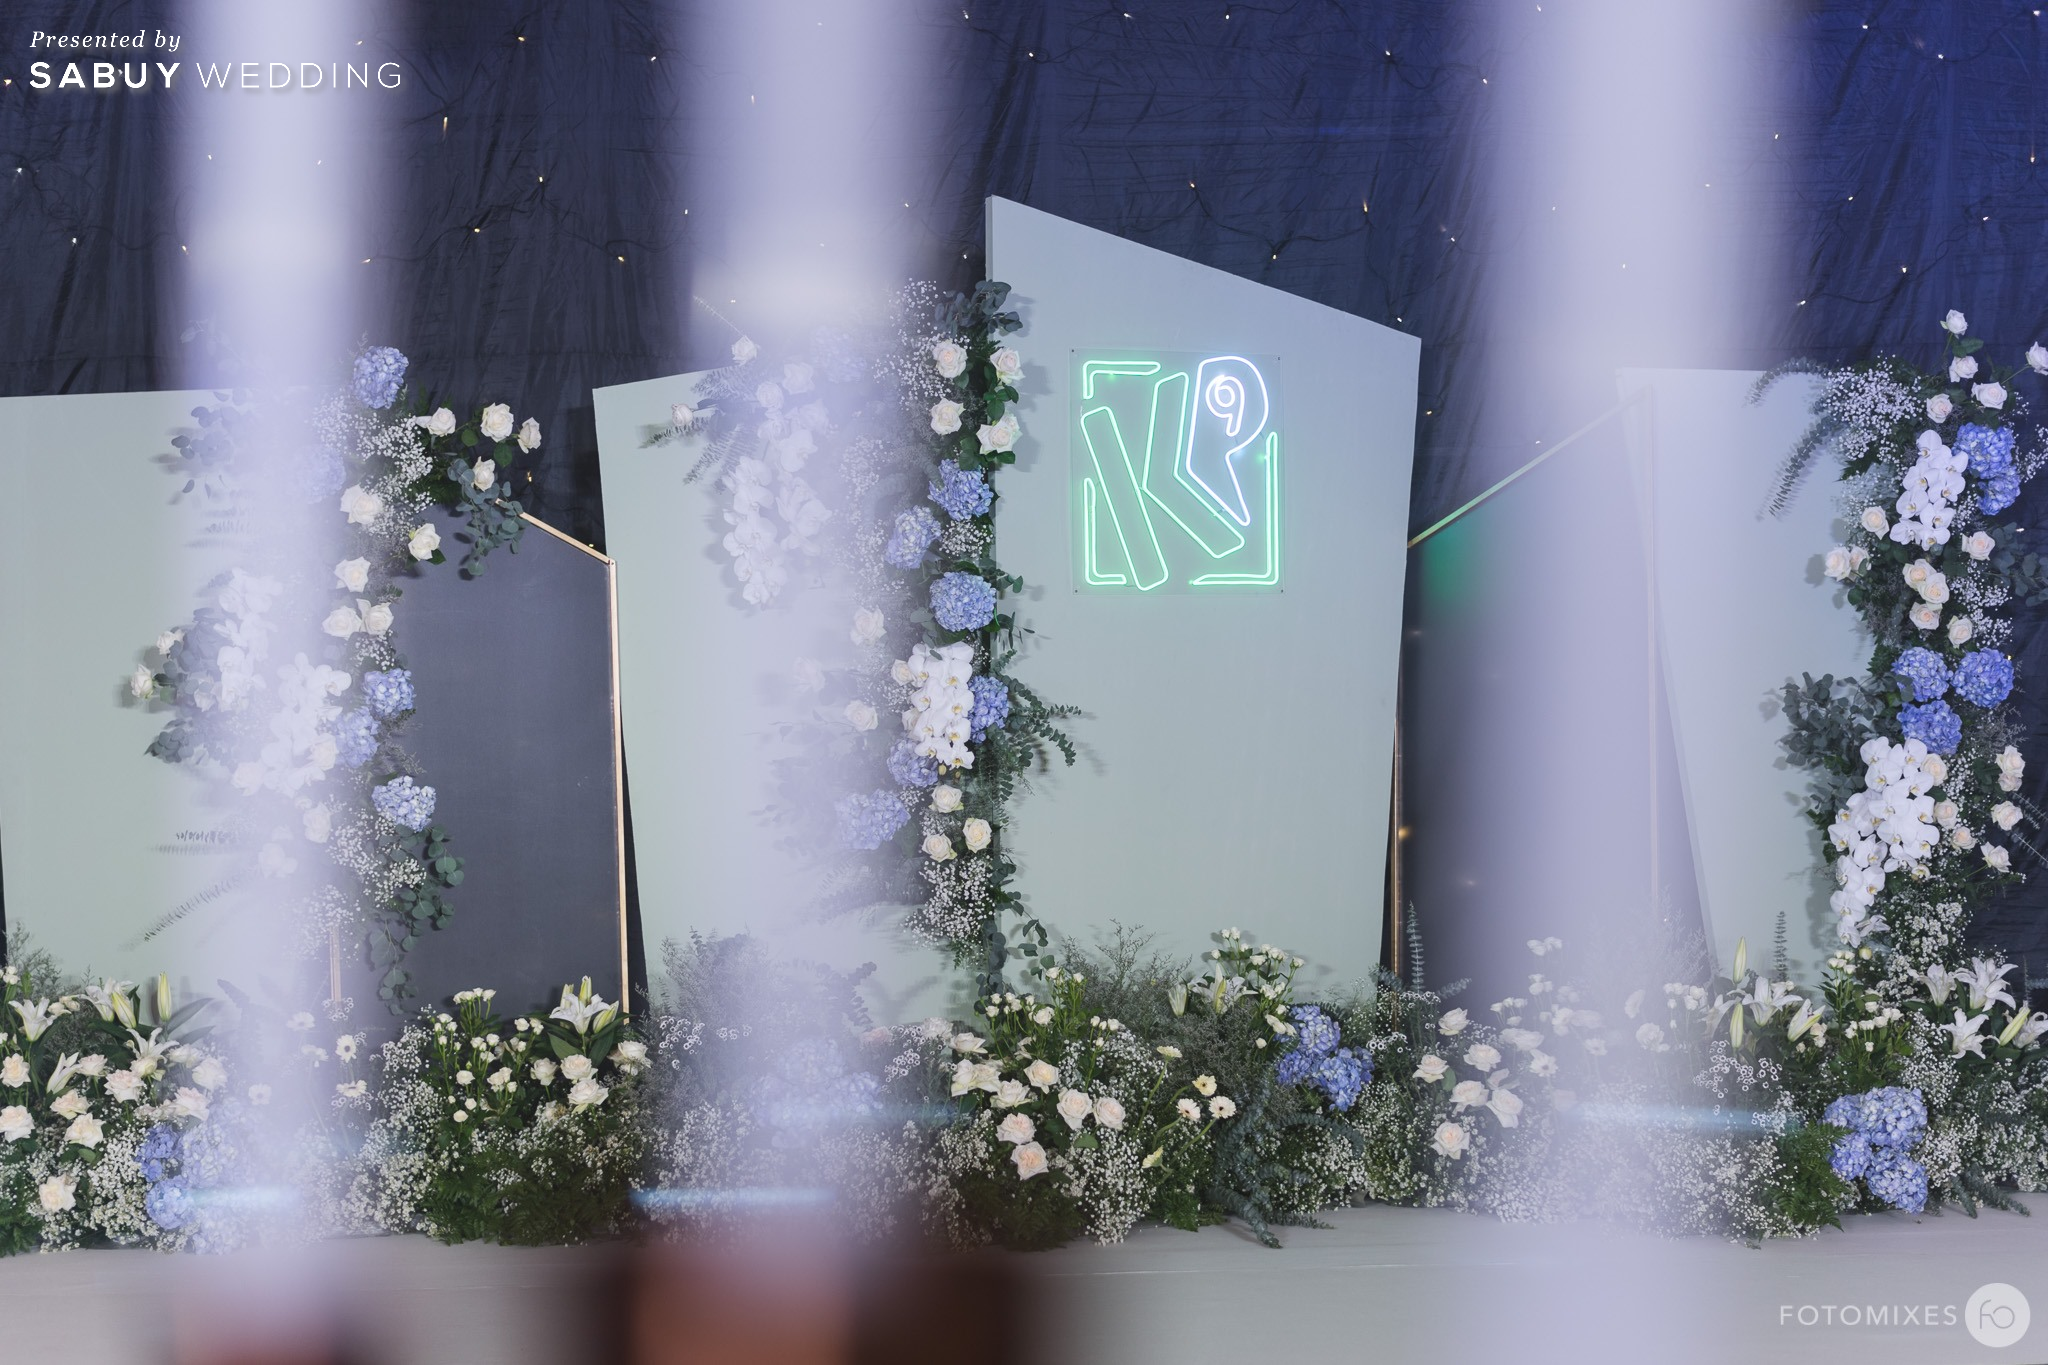 เวดดิ้งแพลนเนอร์,ตกแต่งงานแต่งงาน,ออแกไนเซอร์ รีวิวงานแต่งแสนหวานกับคอนเซ็ปต์งานสไตล์ English Garden @ Sofitel Bangkok Sukhumvit